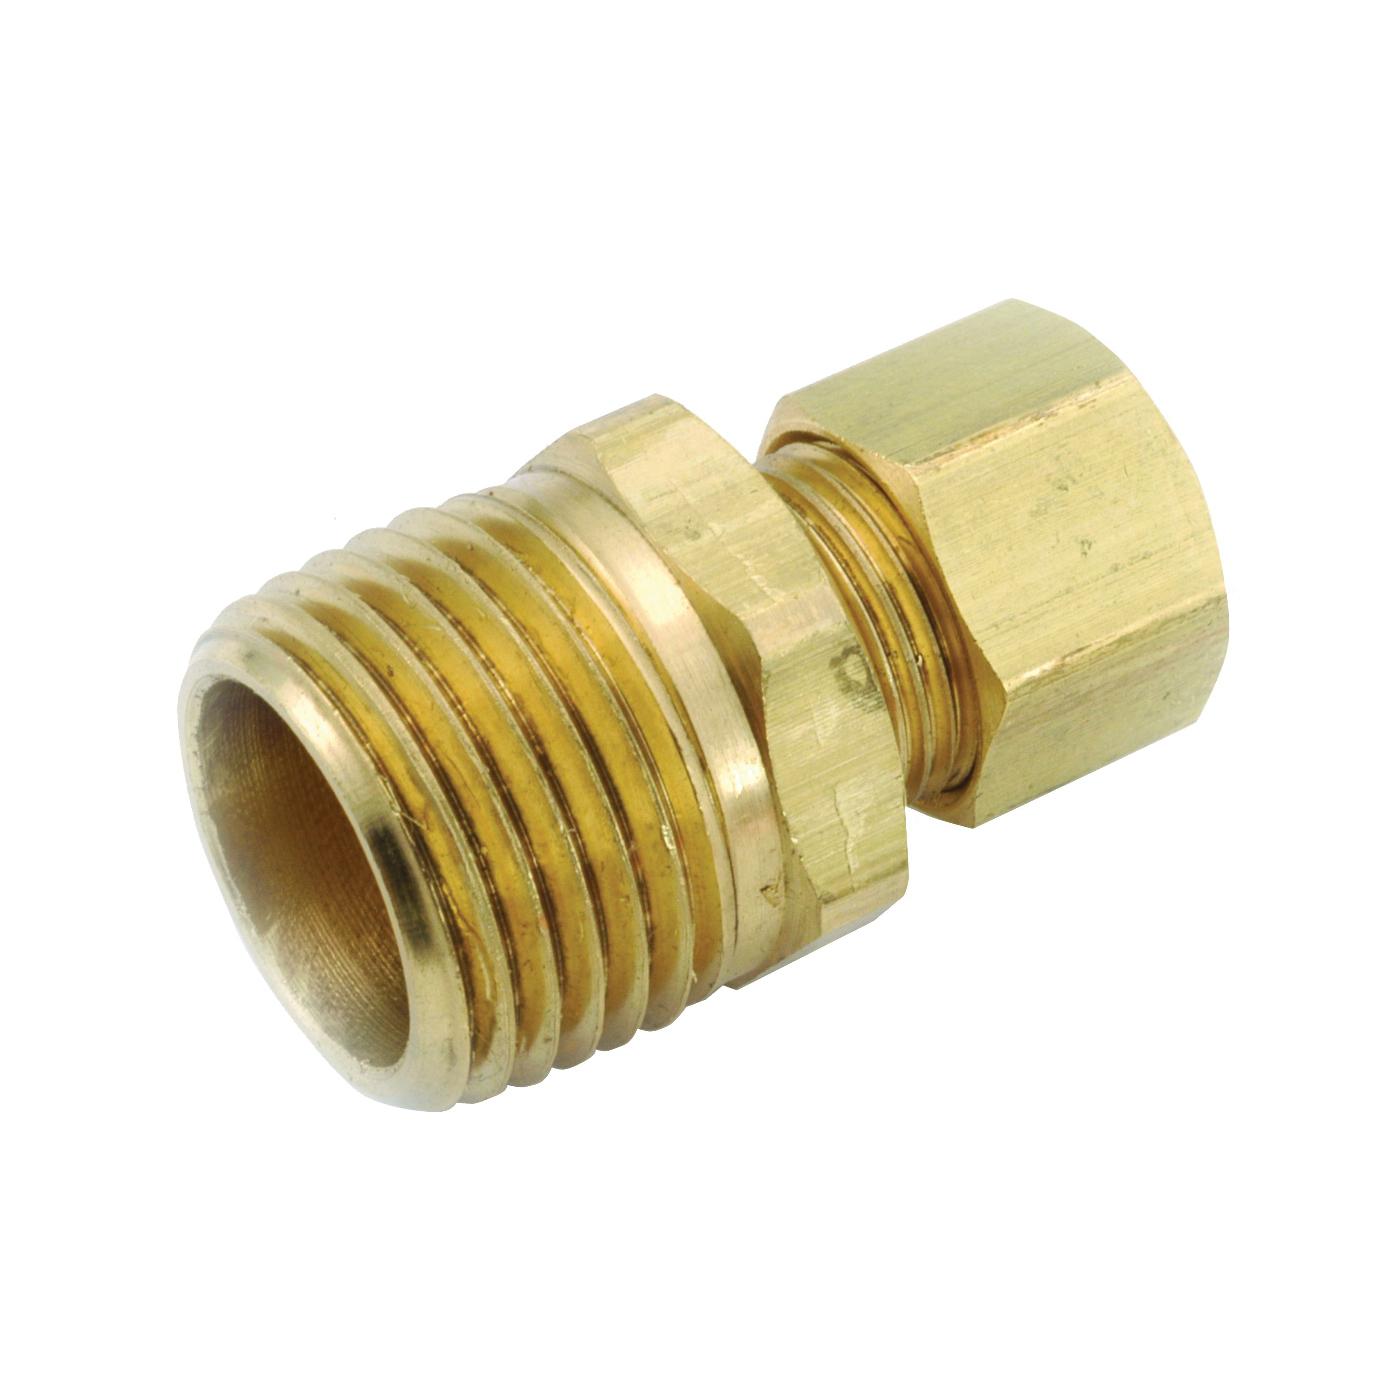 Anderson Metals 750068-1012